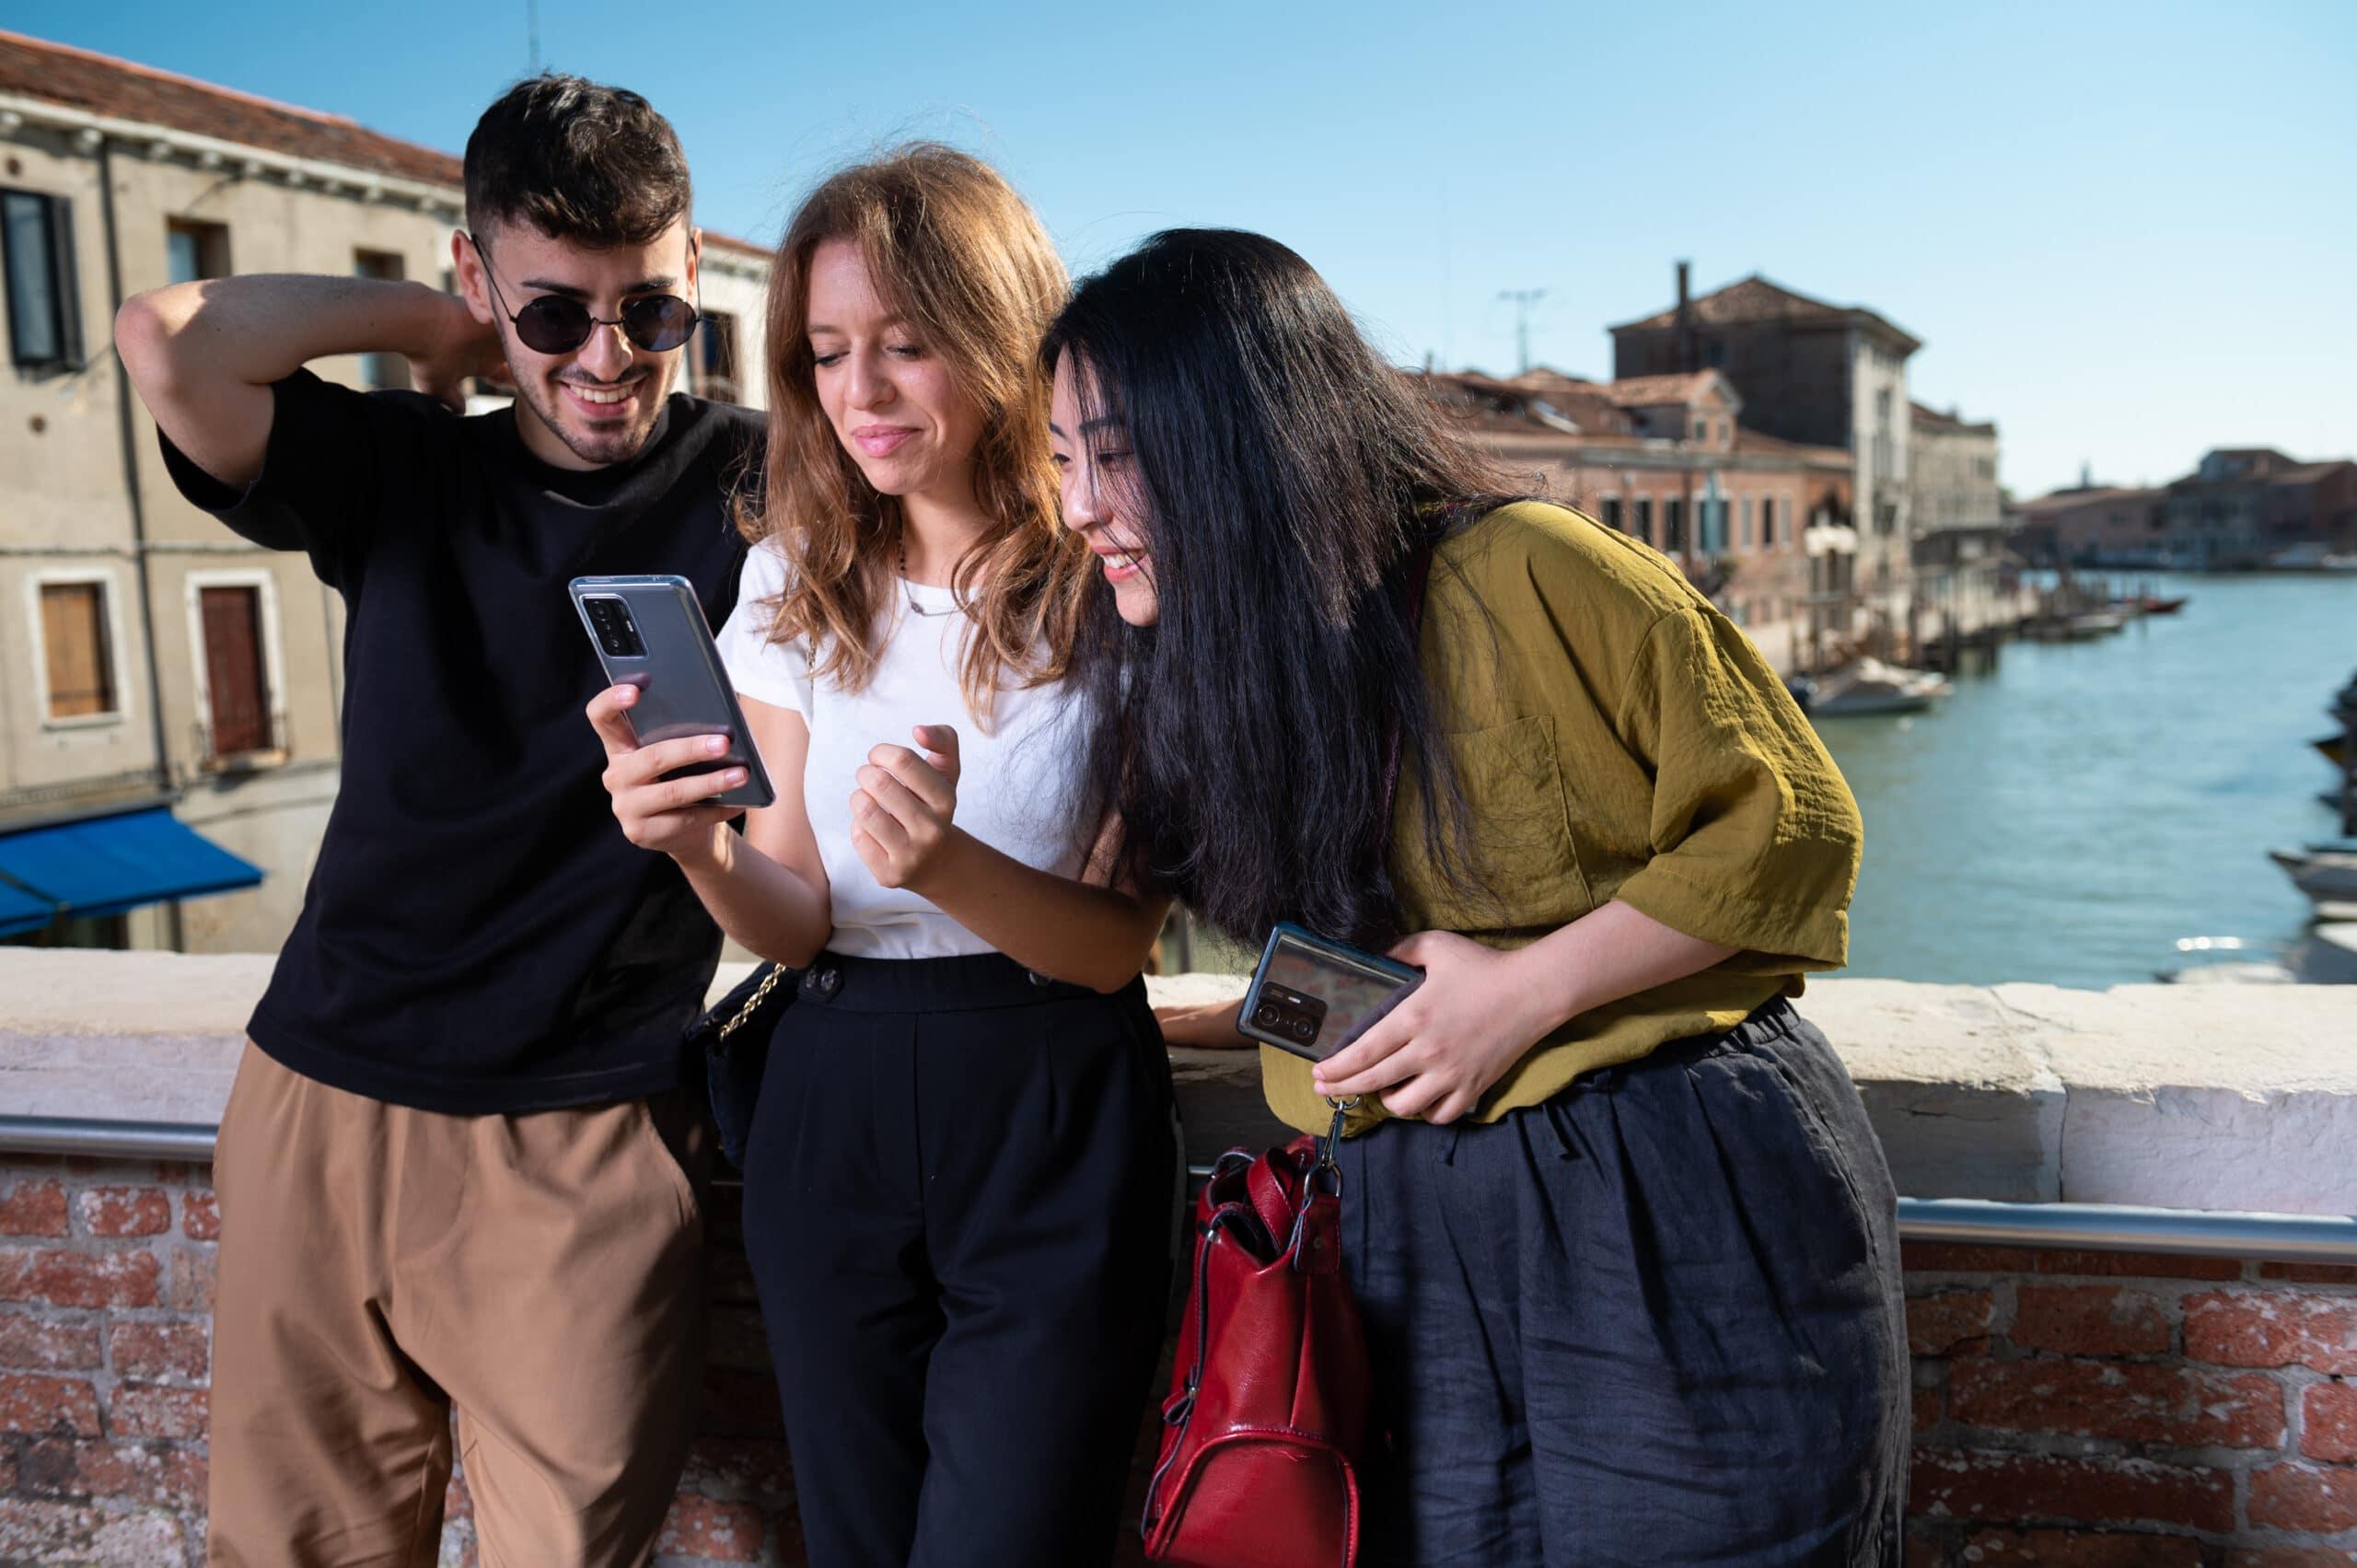 Arriva l'interessante progetto di Xiaomi che abbraccia la cultura thumbnail